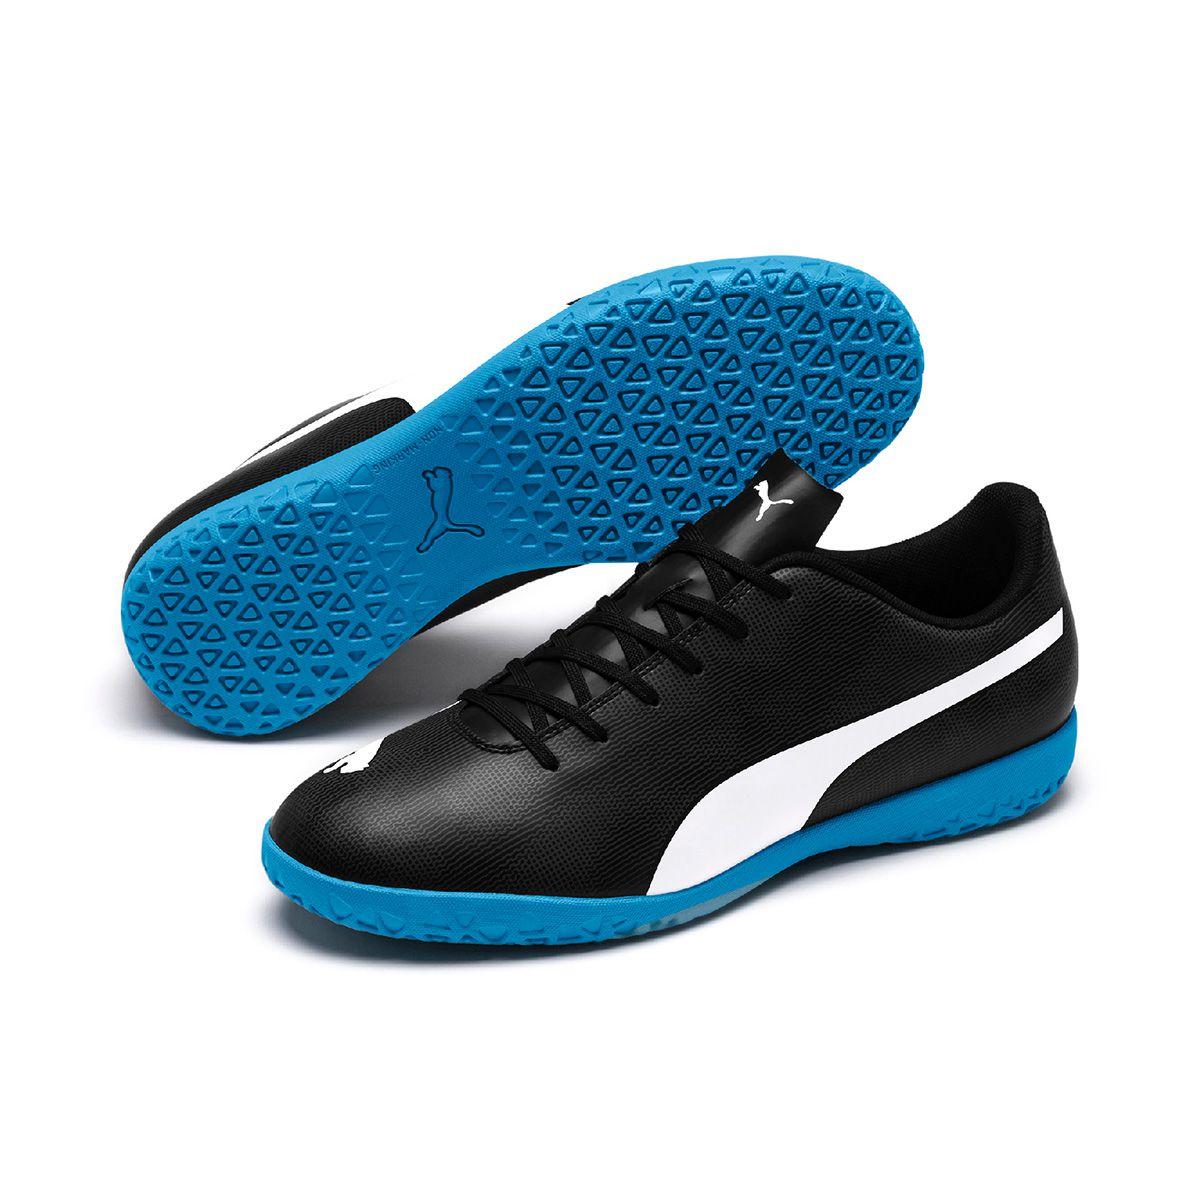 Chuteira Futsal Puma Rapido IT IC